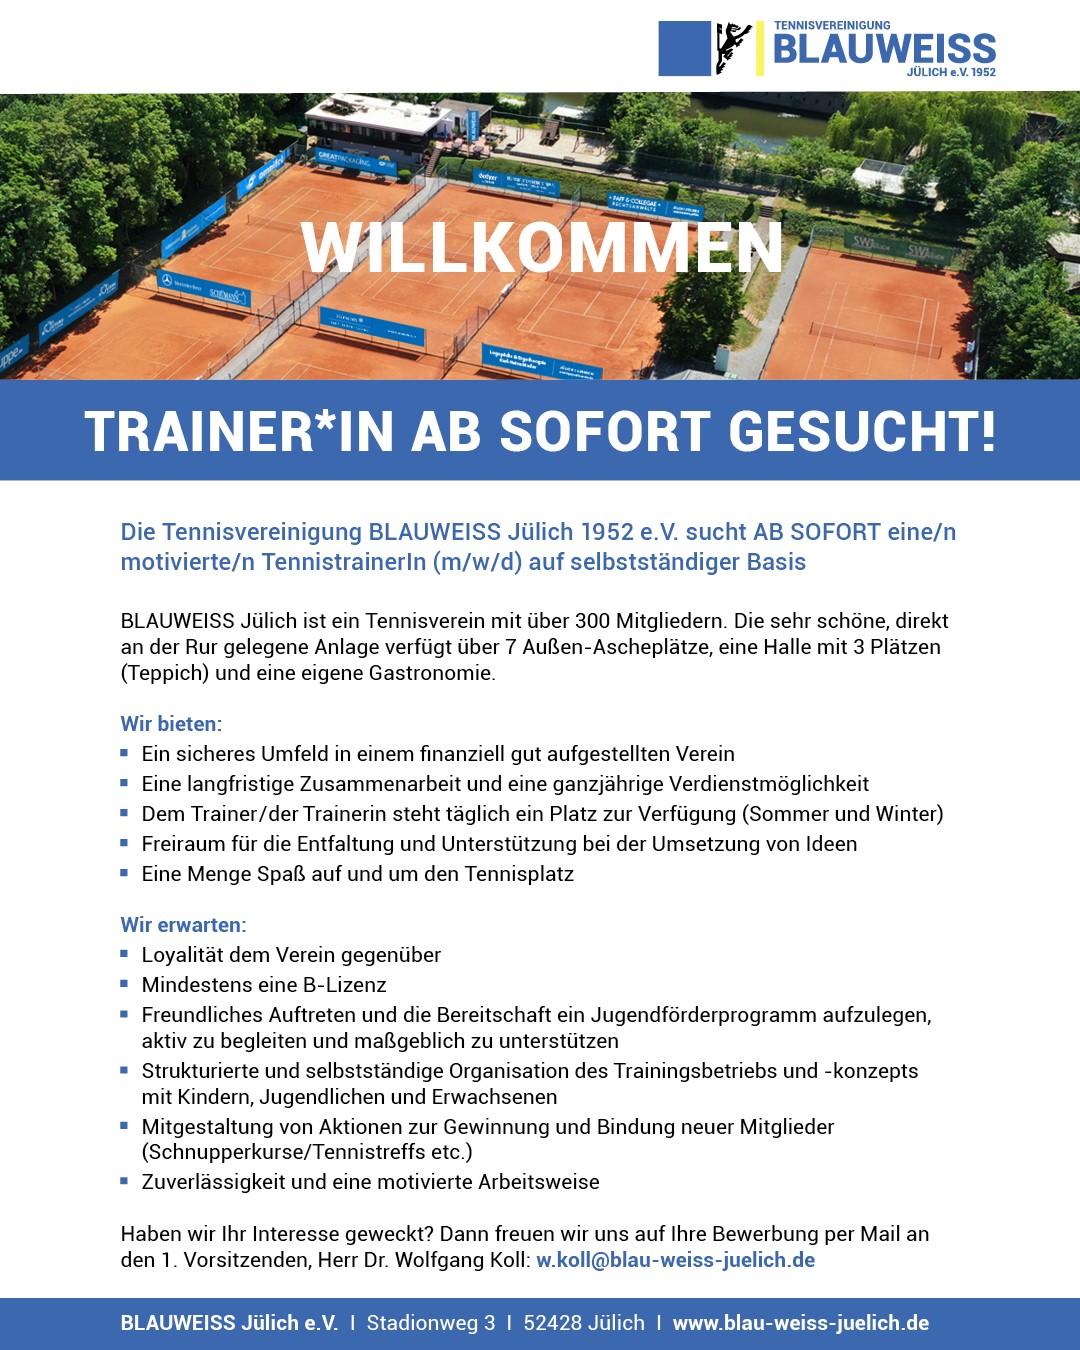 Tennistrainer*in gesucht!